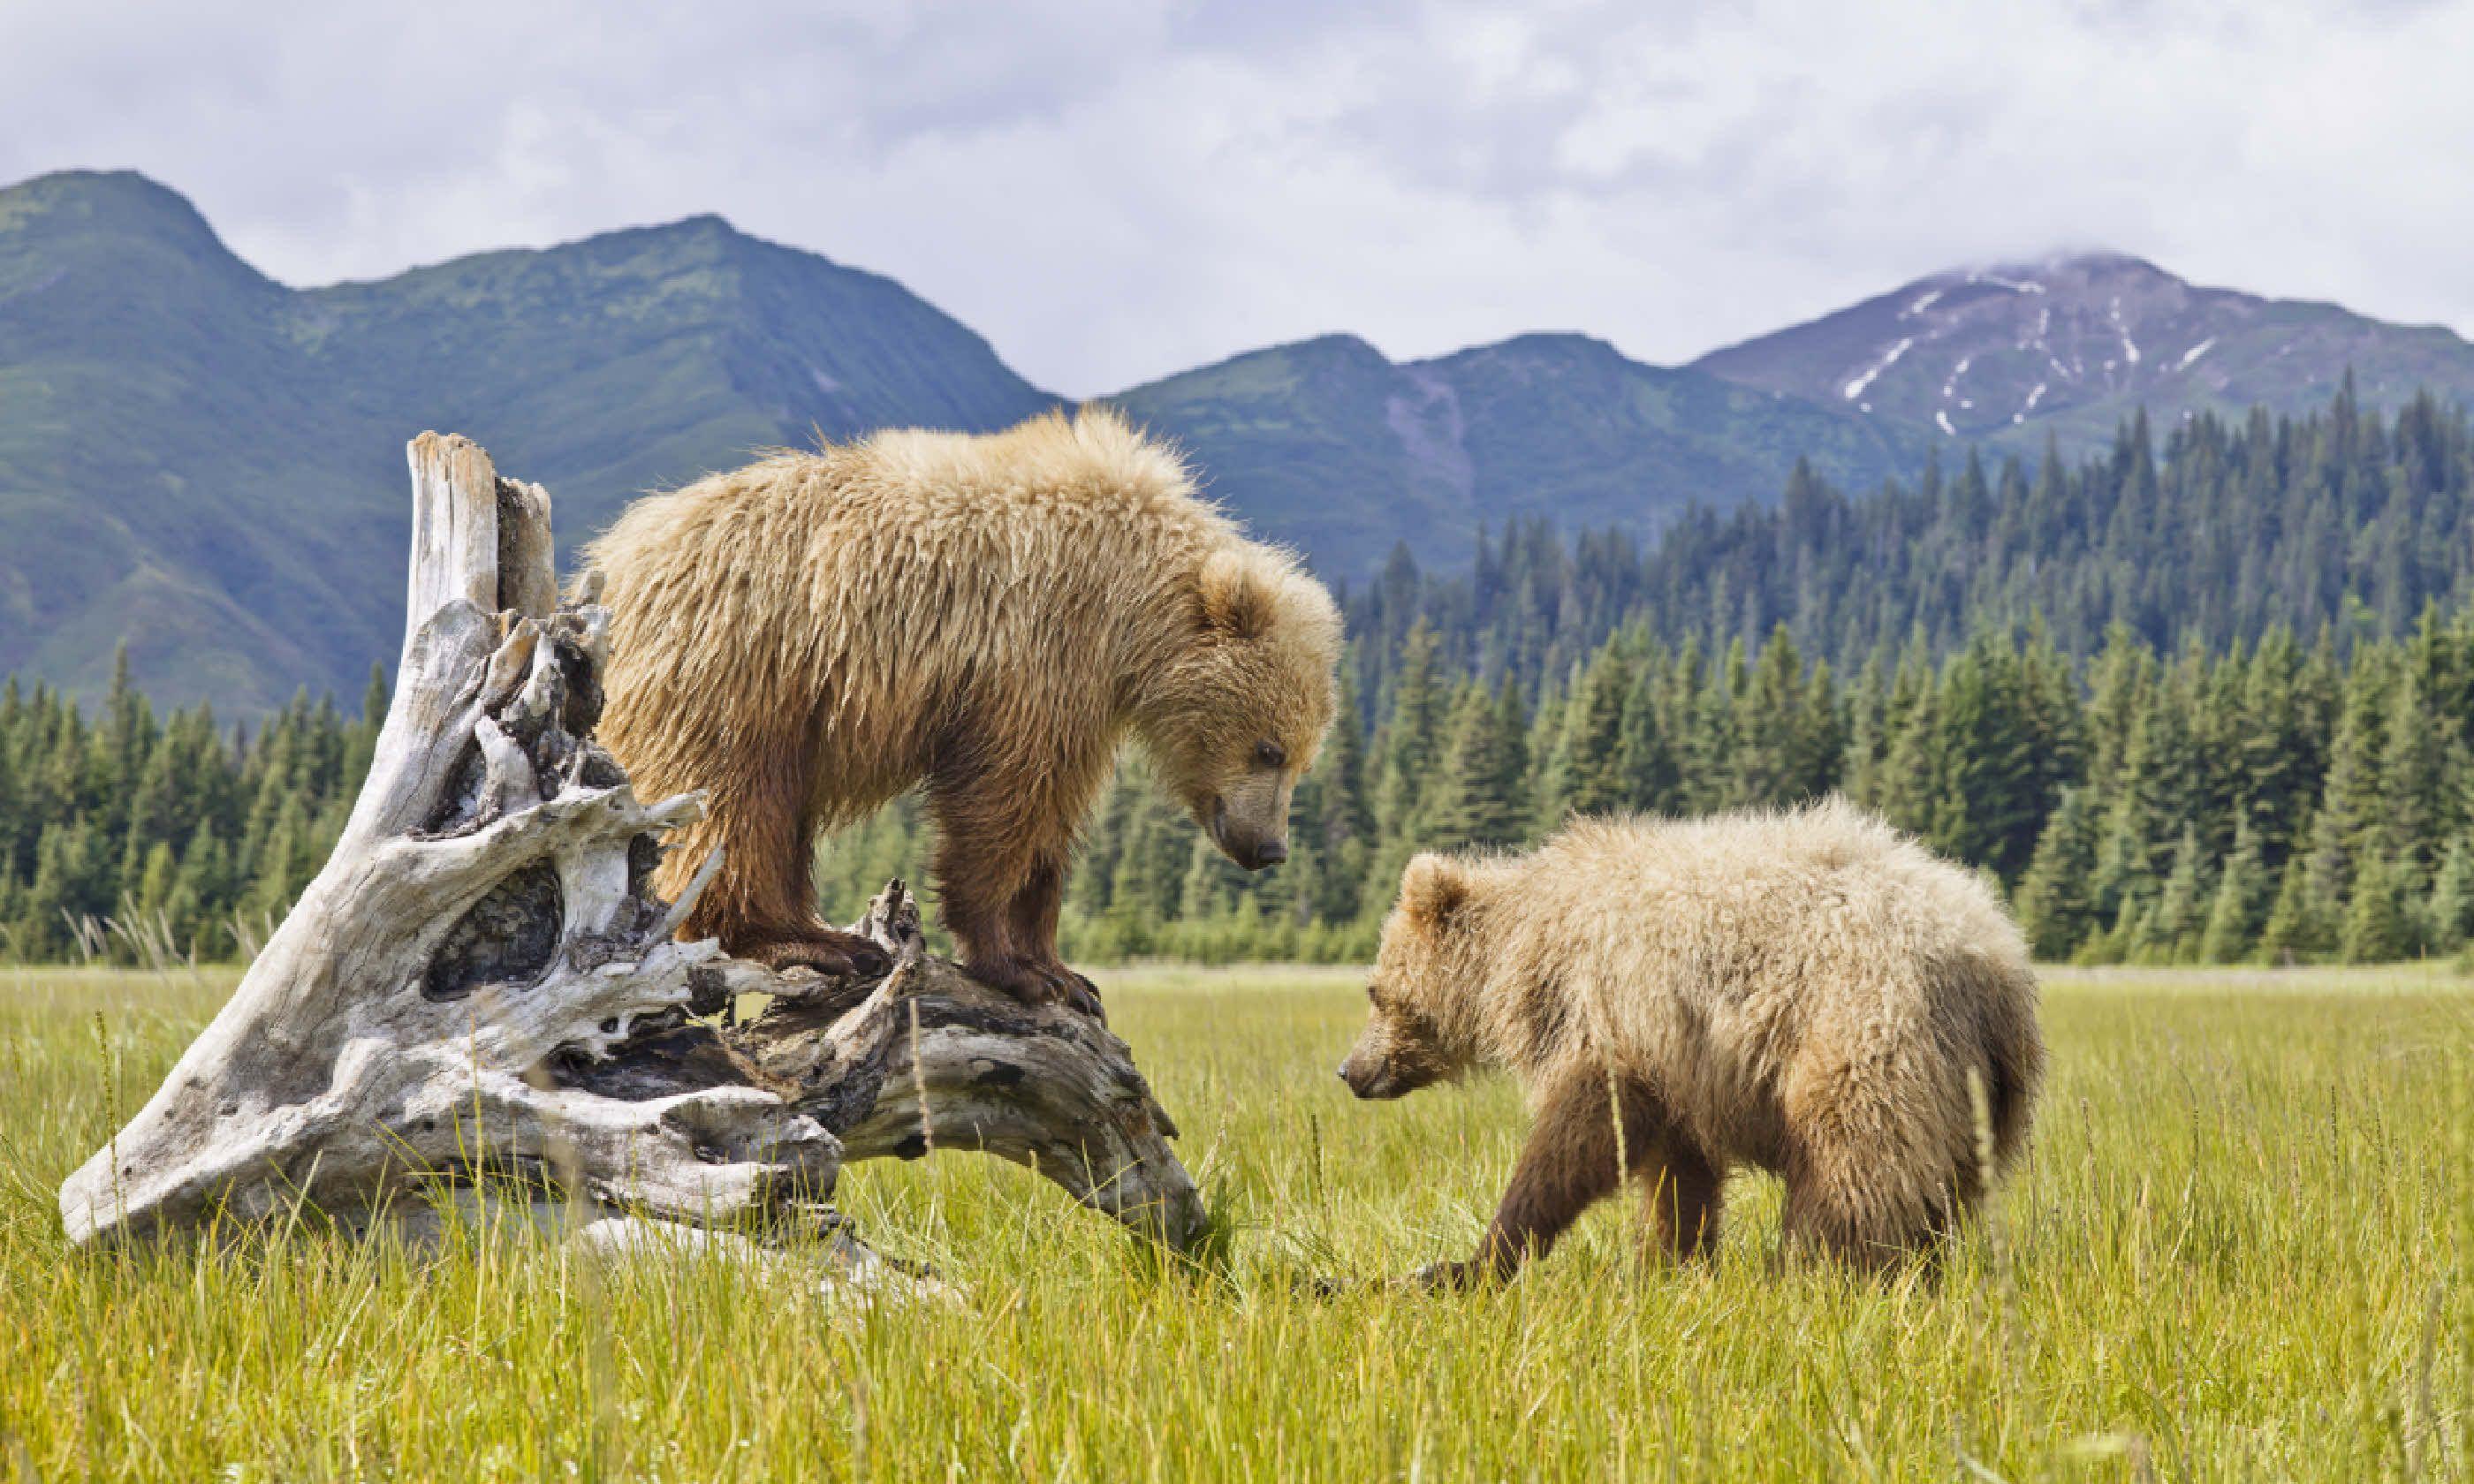 Bears in Alaska (Shutterstock)